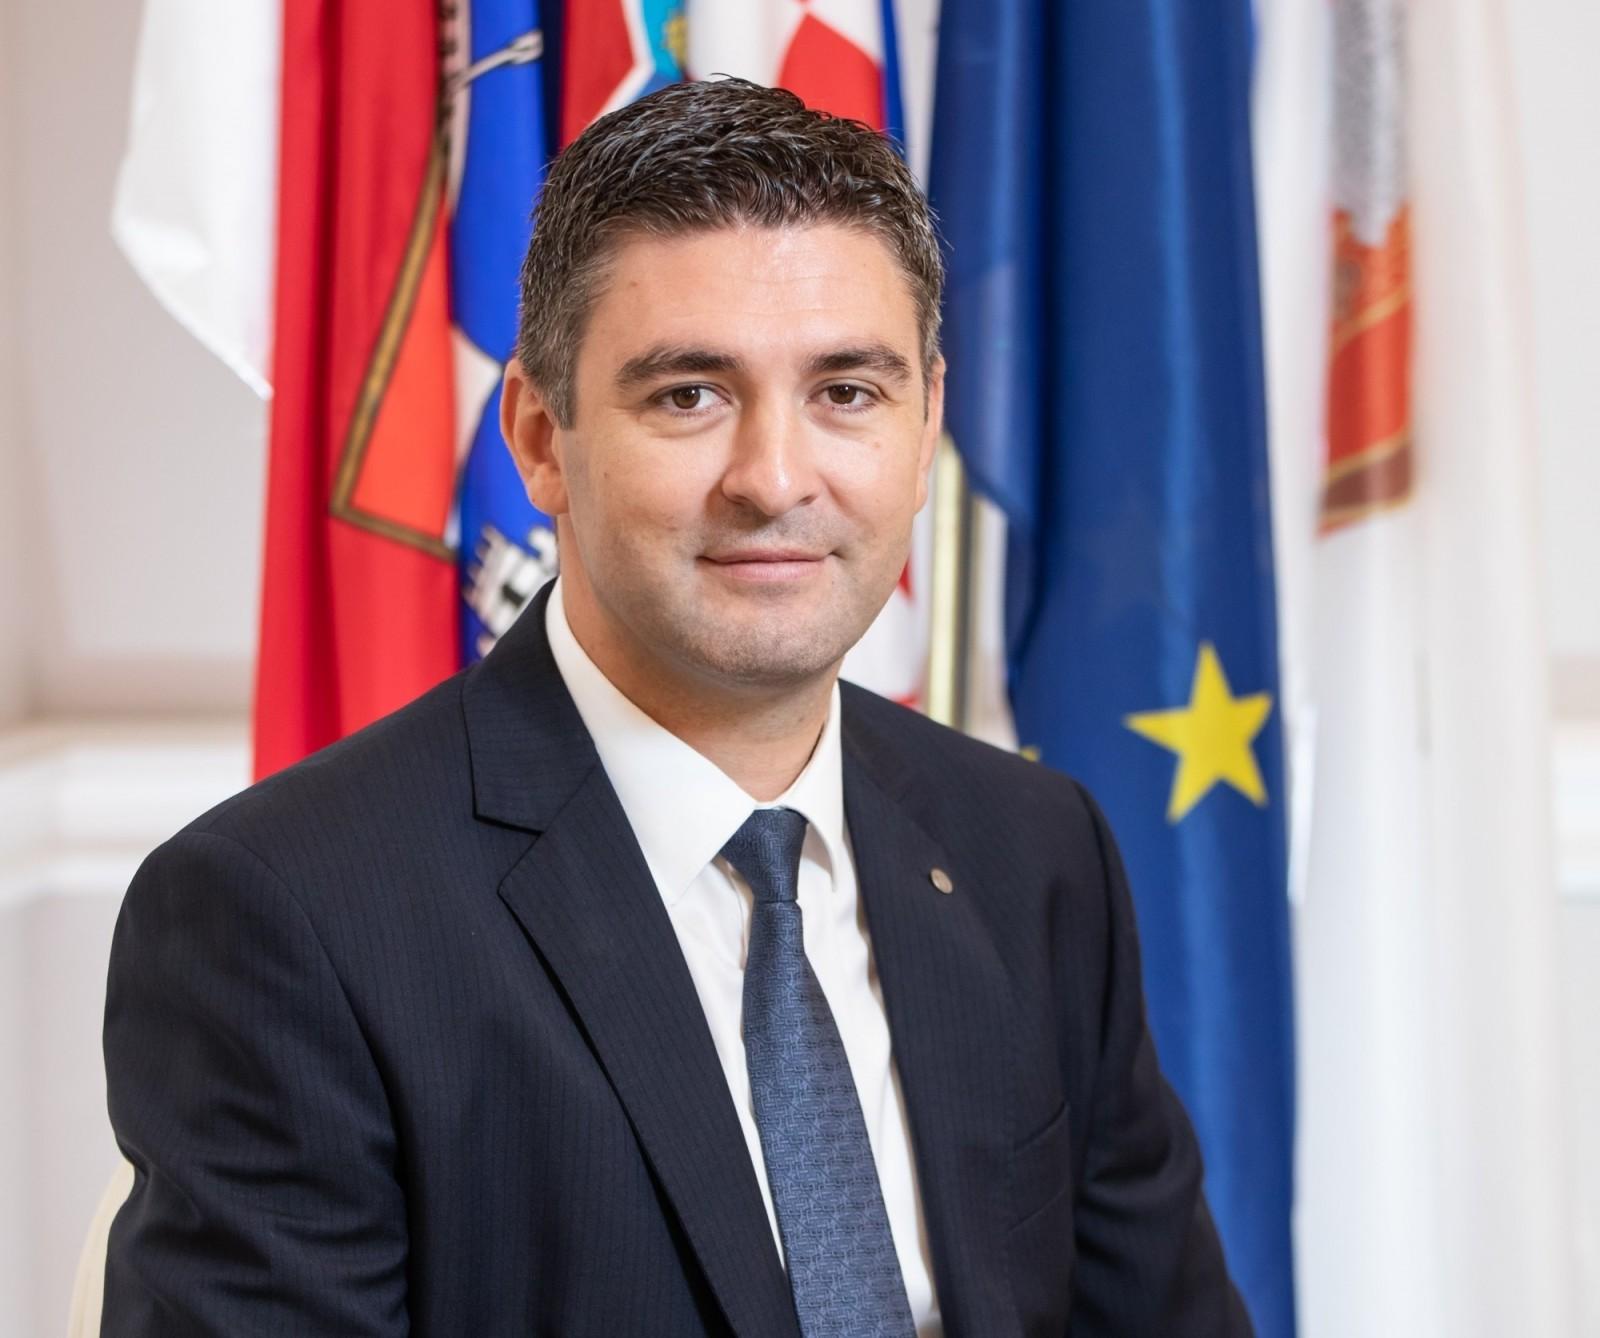 Gradonačelnik čestitao Dan državnosti: Dubrovnik je oduvijek znao cijeniti slobodu